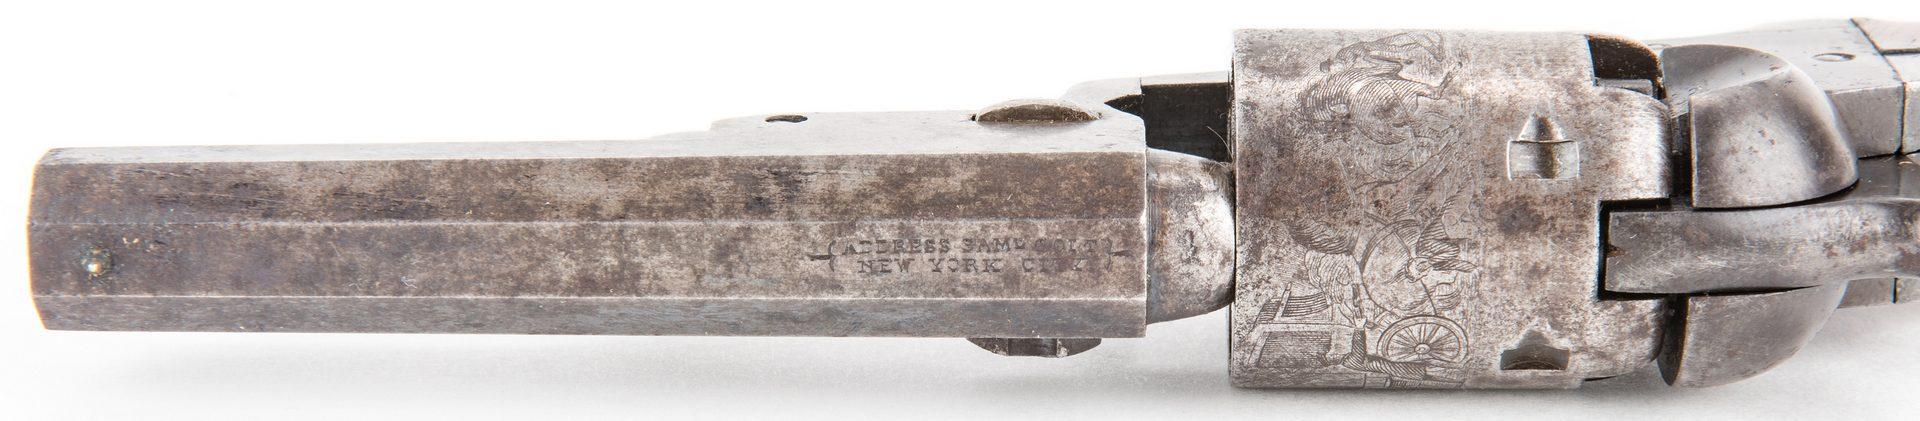 Lot 302: Cased Confederate Colt Model 1849 Pocket Percussion Revolver, .31 cal